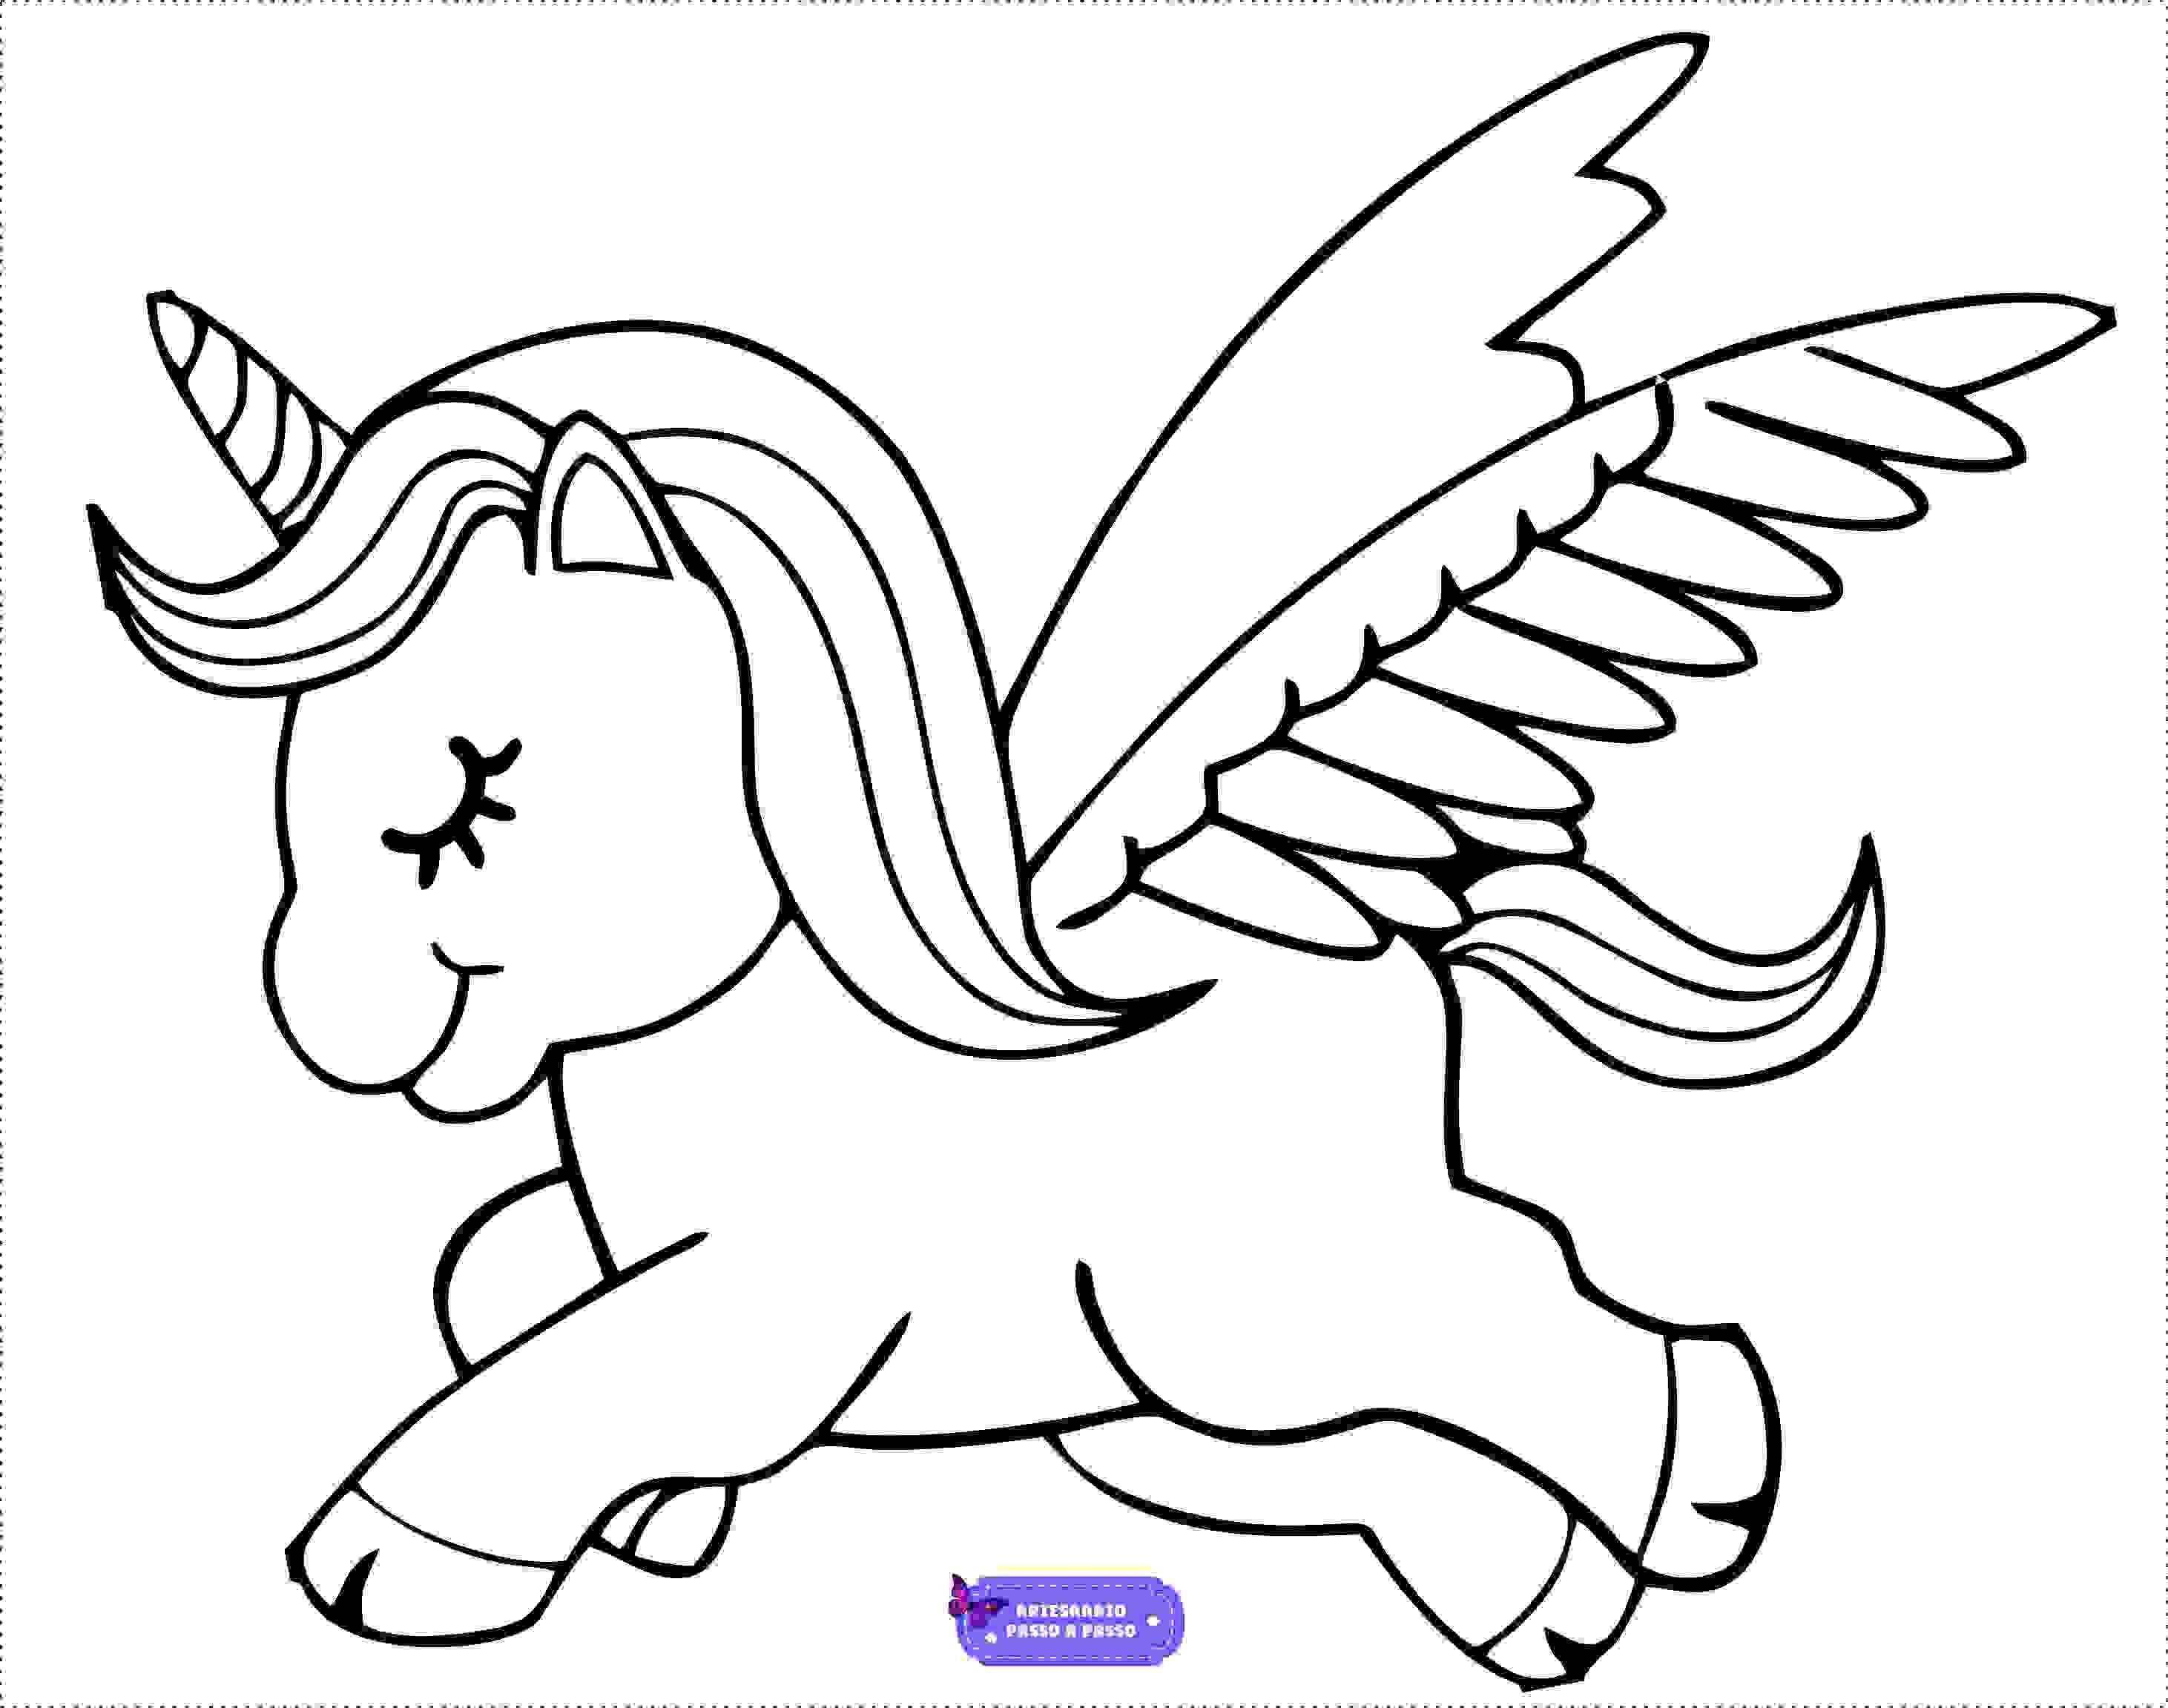 Unicornio Para Colorir E Imprimir Muito Facil Aprender A Desenhar